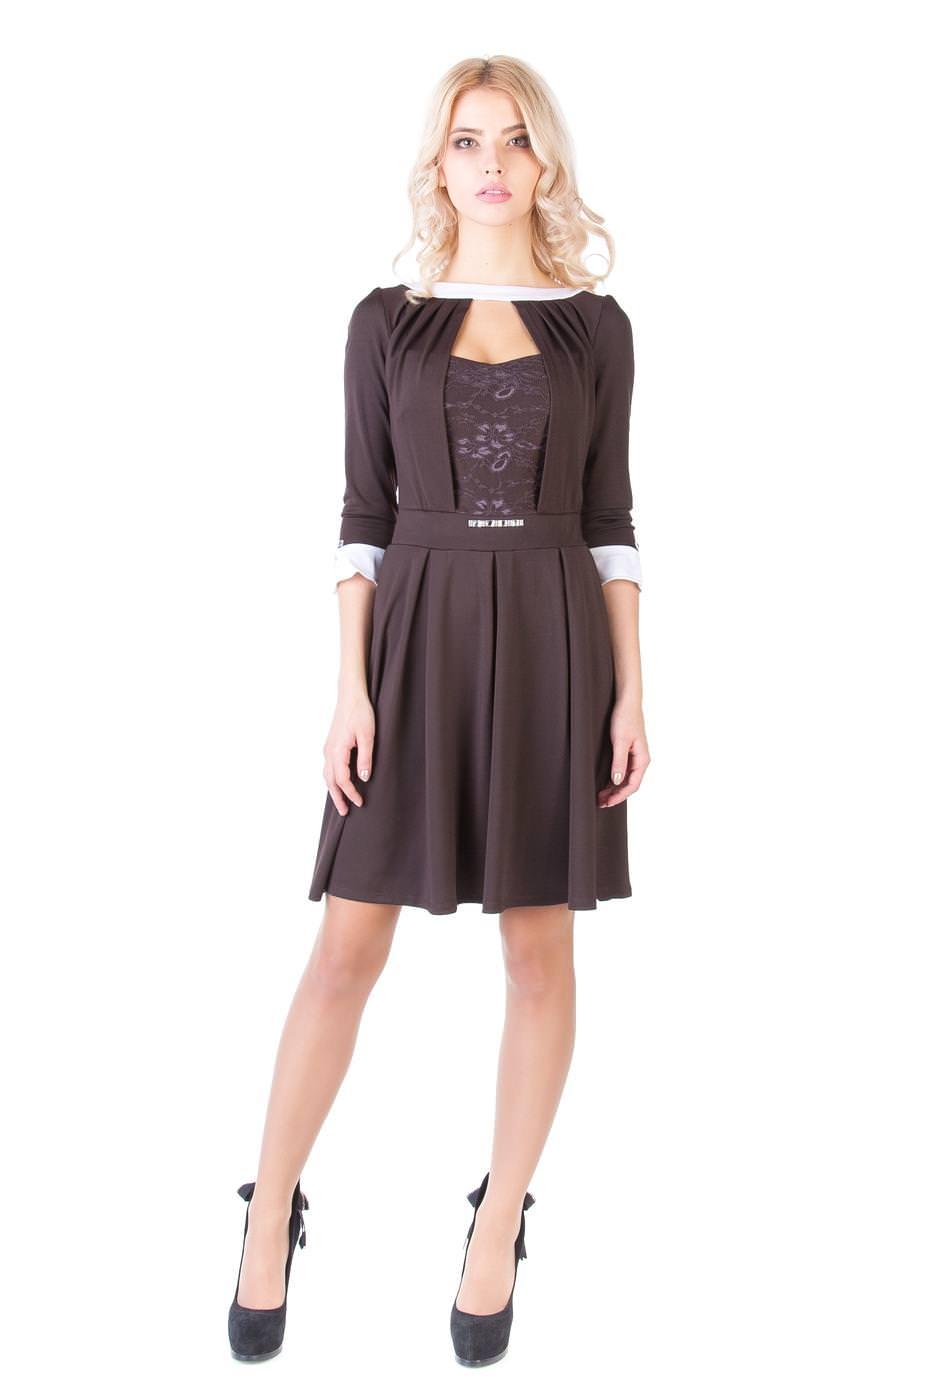 Купить платья оптом от производителя Платье Жожоба